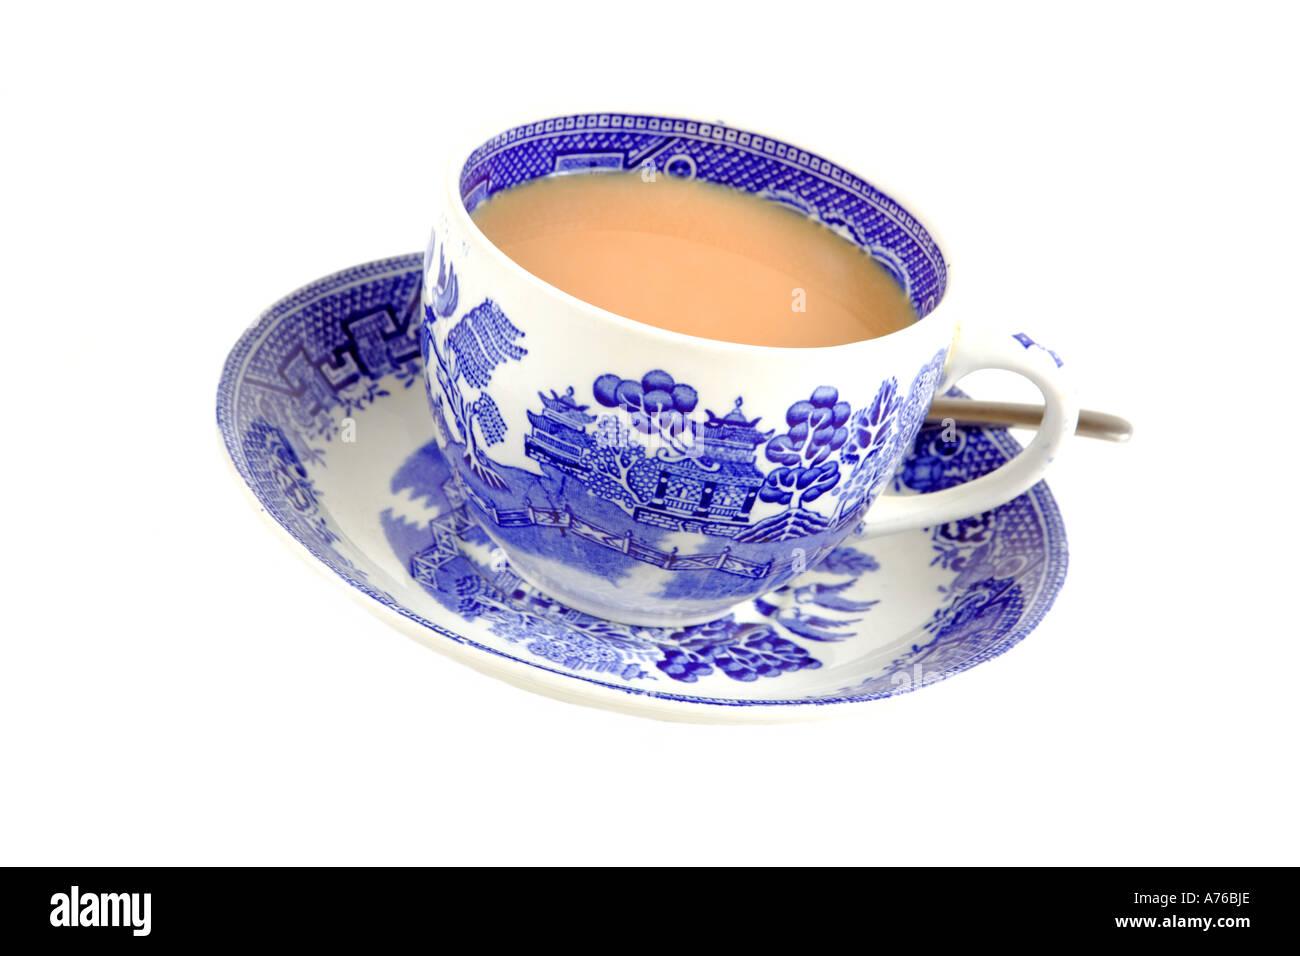 Tasse de thé fraîchement infusé dans un tasse de Chine bleu et blanc sur un fond blanc blanc pur. Photo Stock